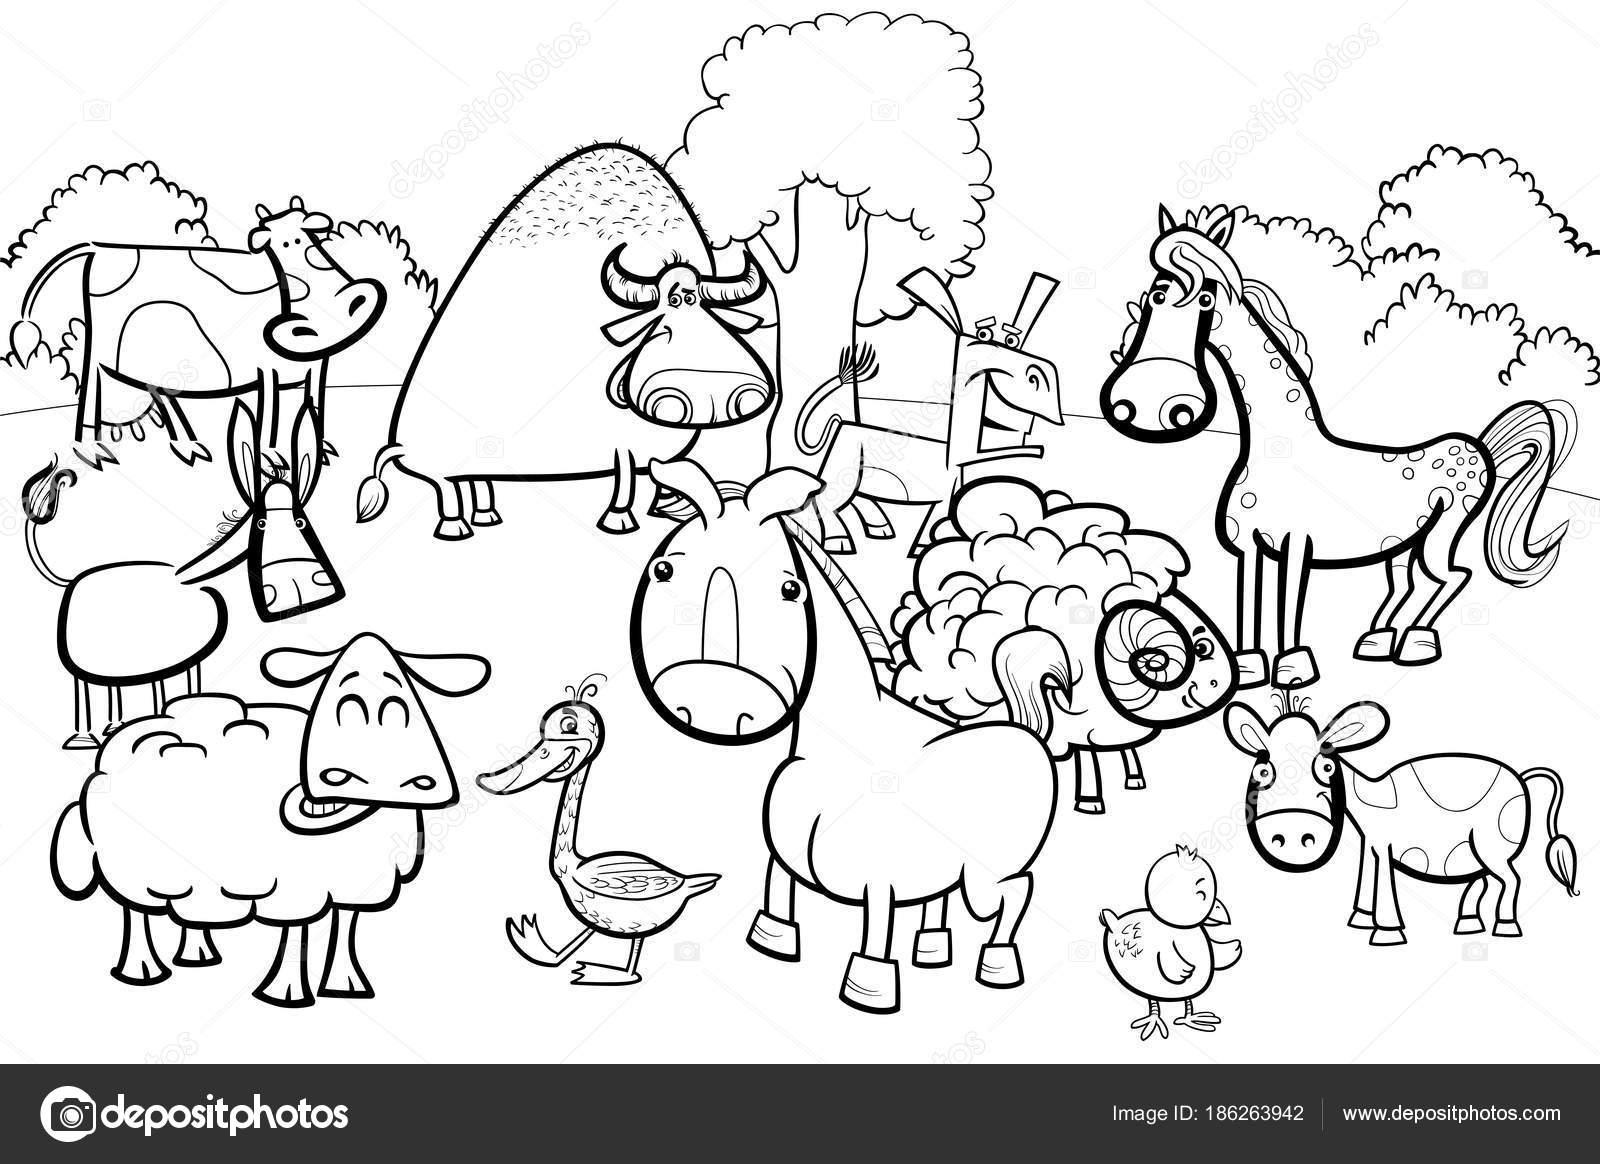 Desenhos De Animais Para Colorir: Personagens De Animais De Fazenda Dos Desenhos Animados